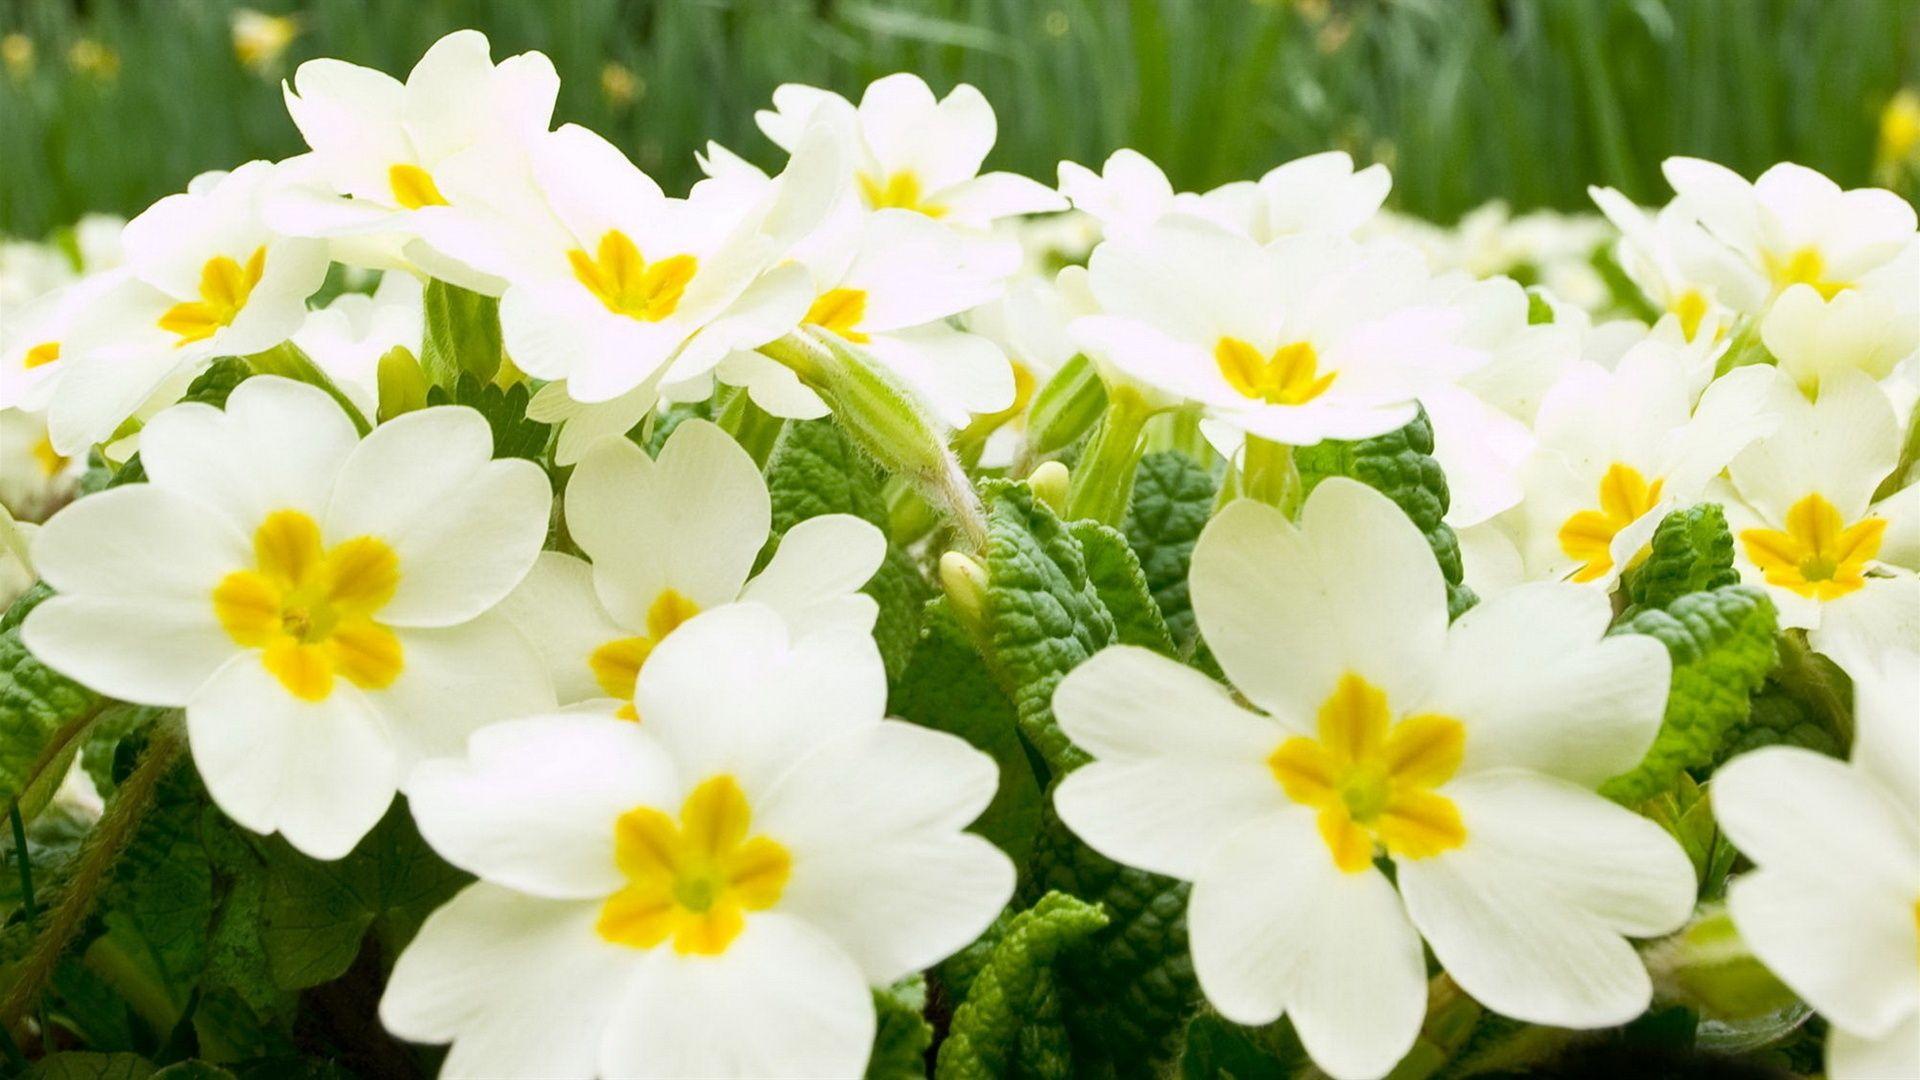 White flower wallpapers | White Flower | Pinterest ... White Rose Flower Garden Wallpaper